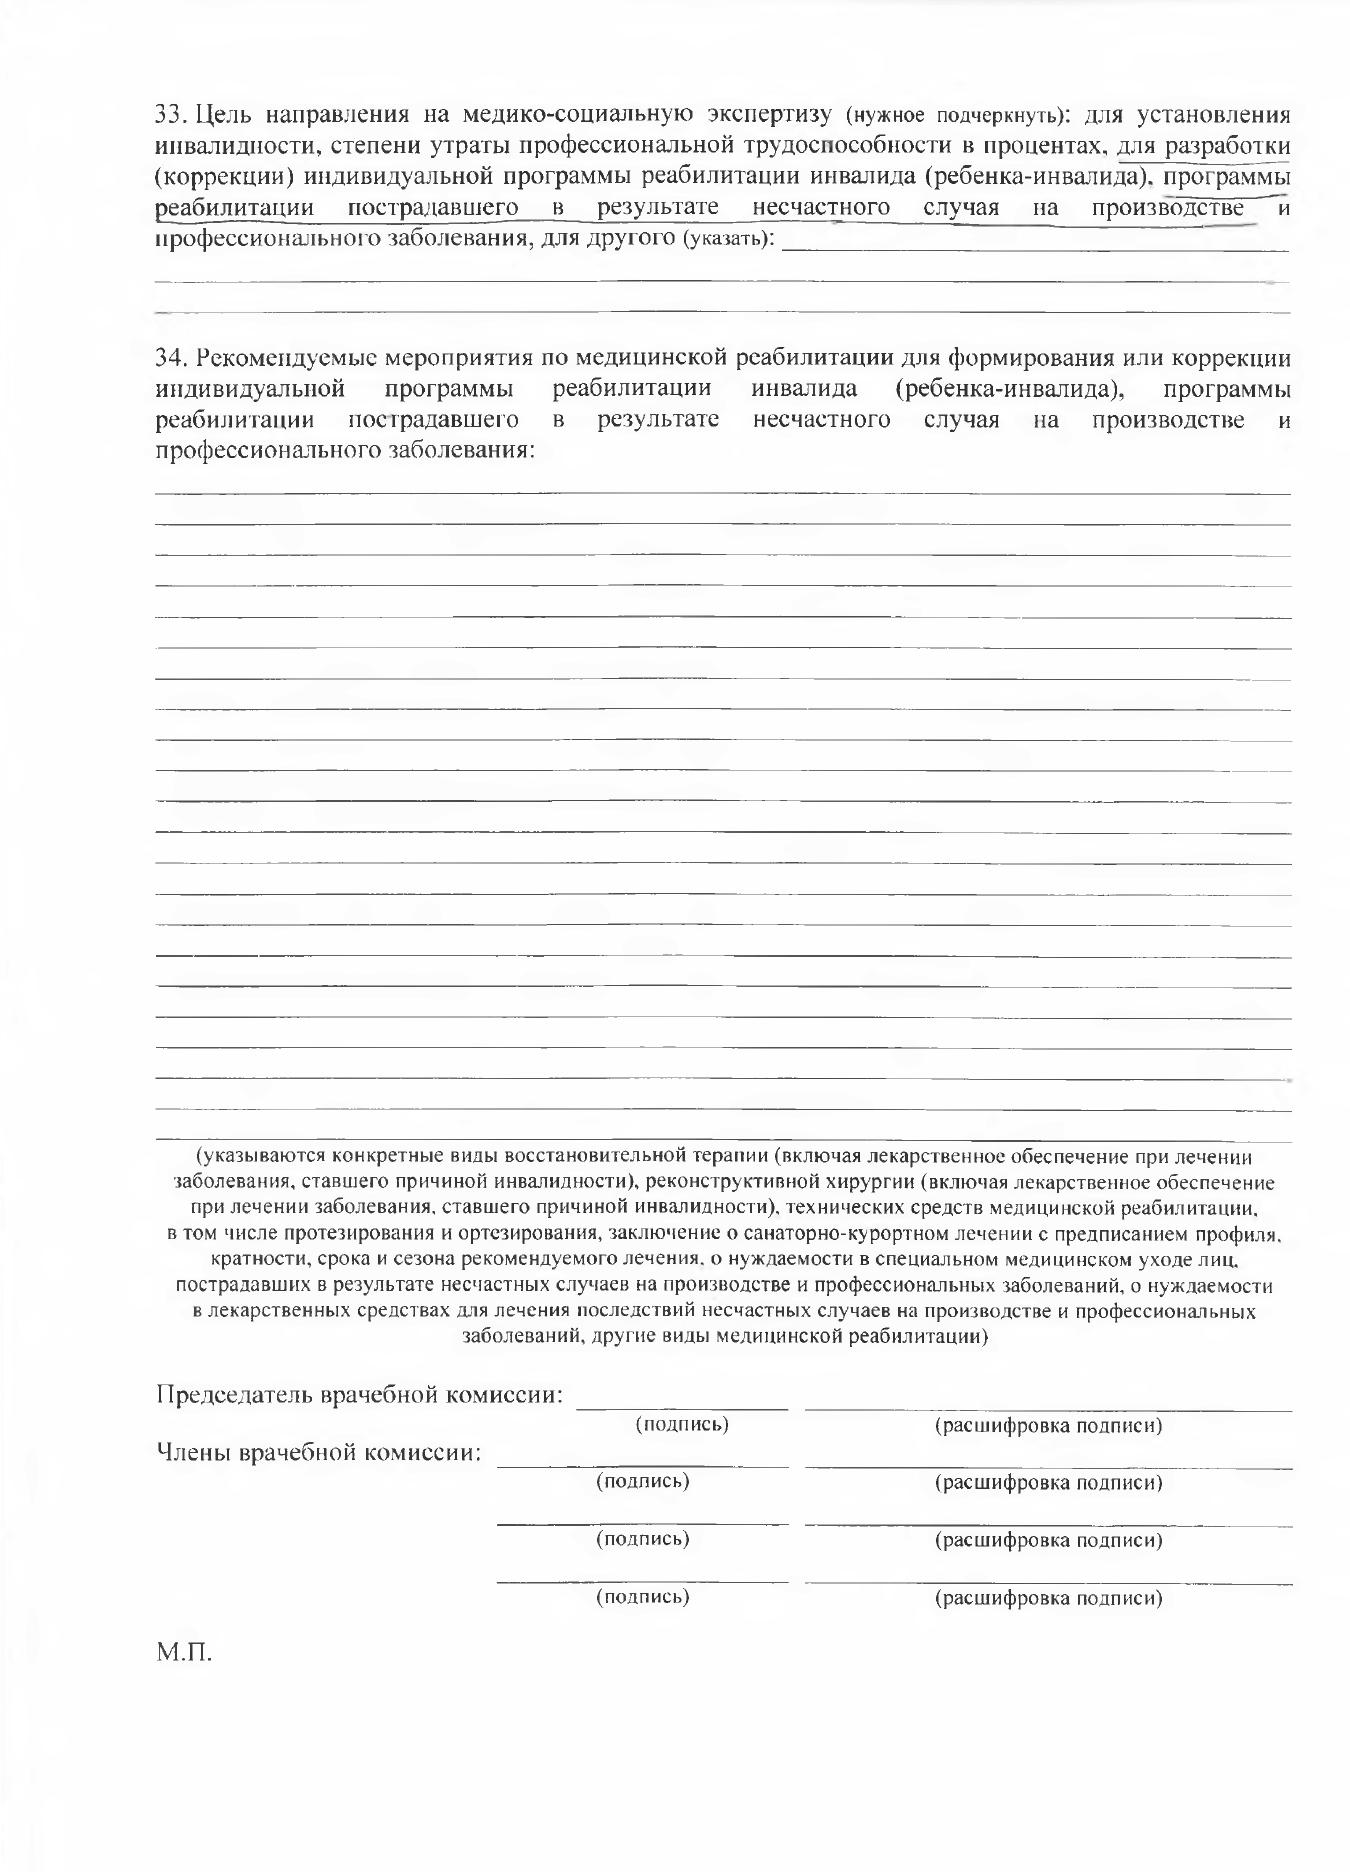 Как выставляются уточненные счета фактуры